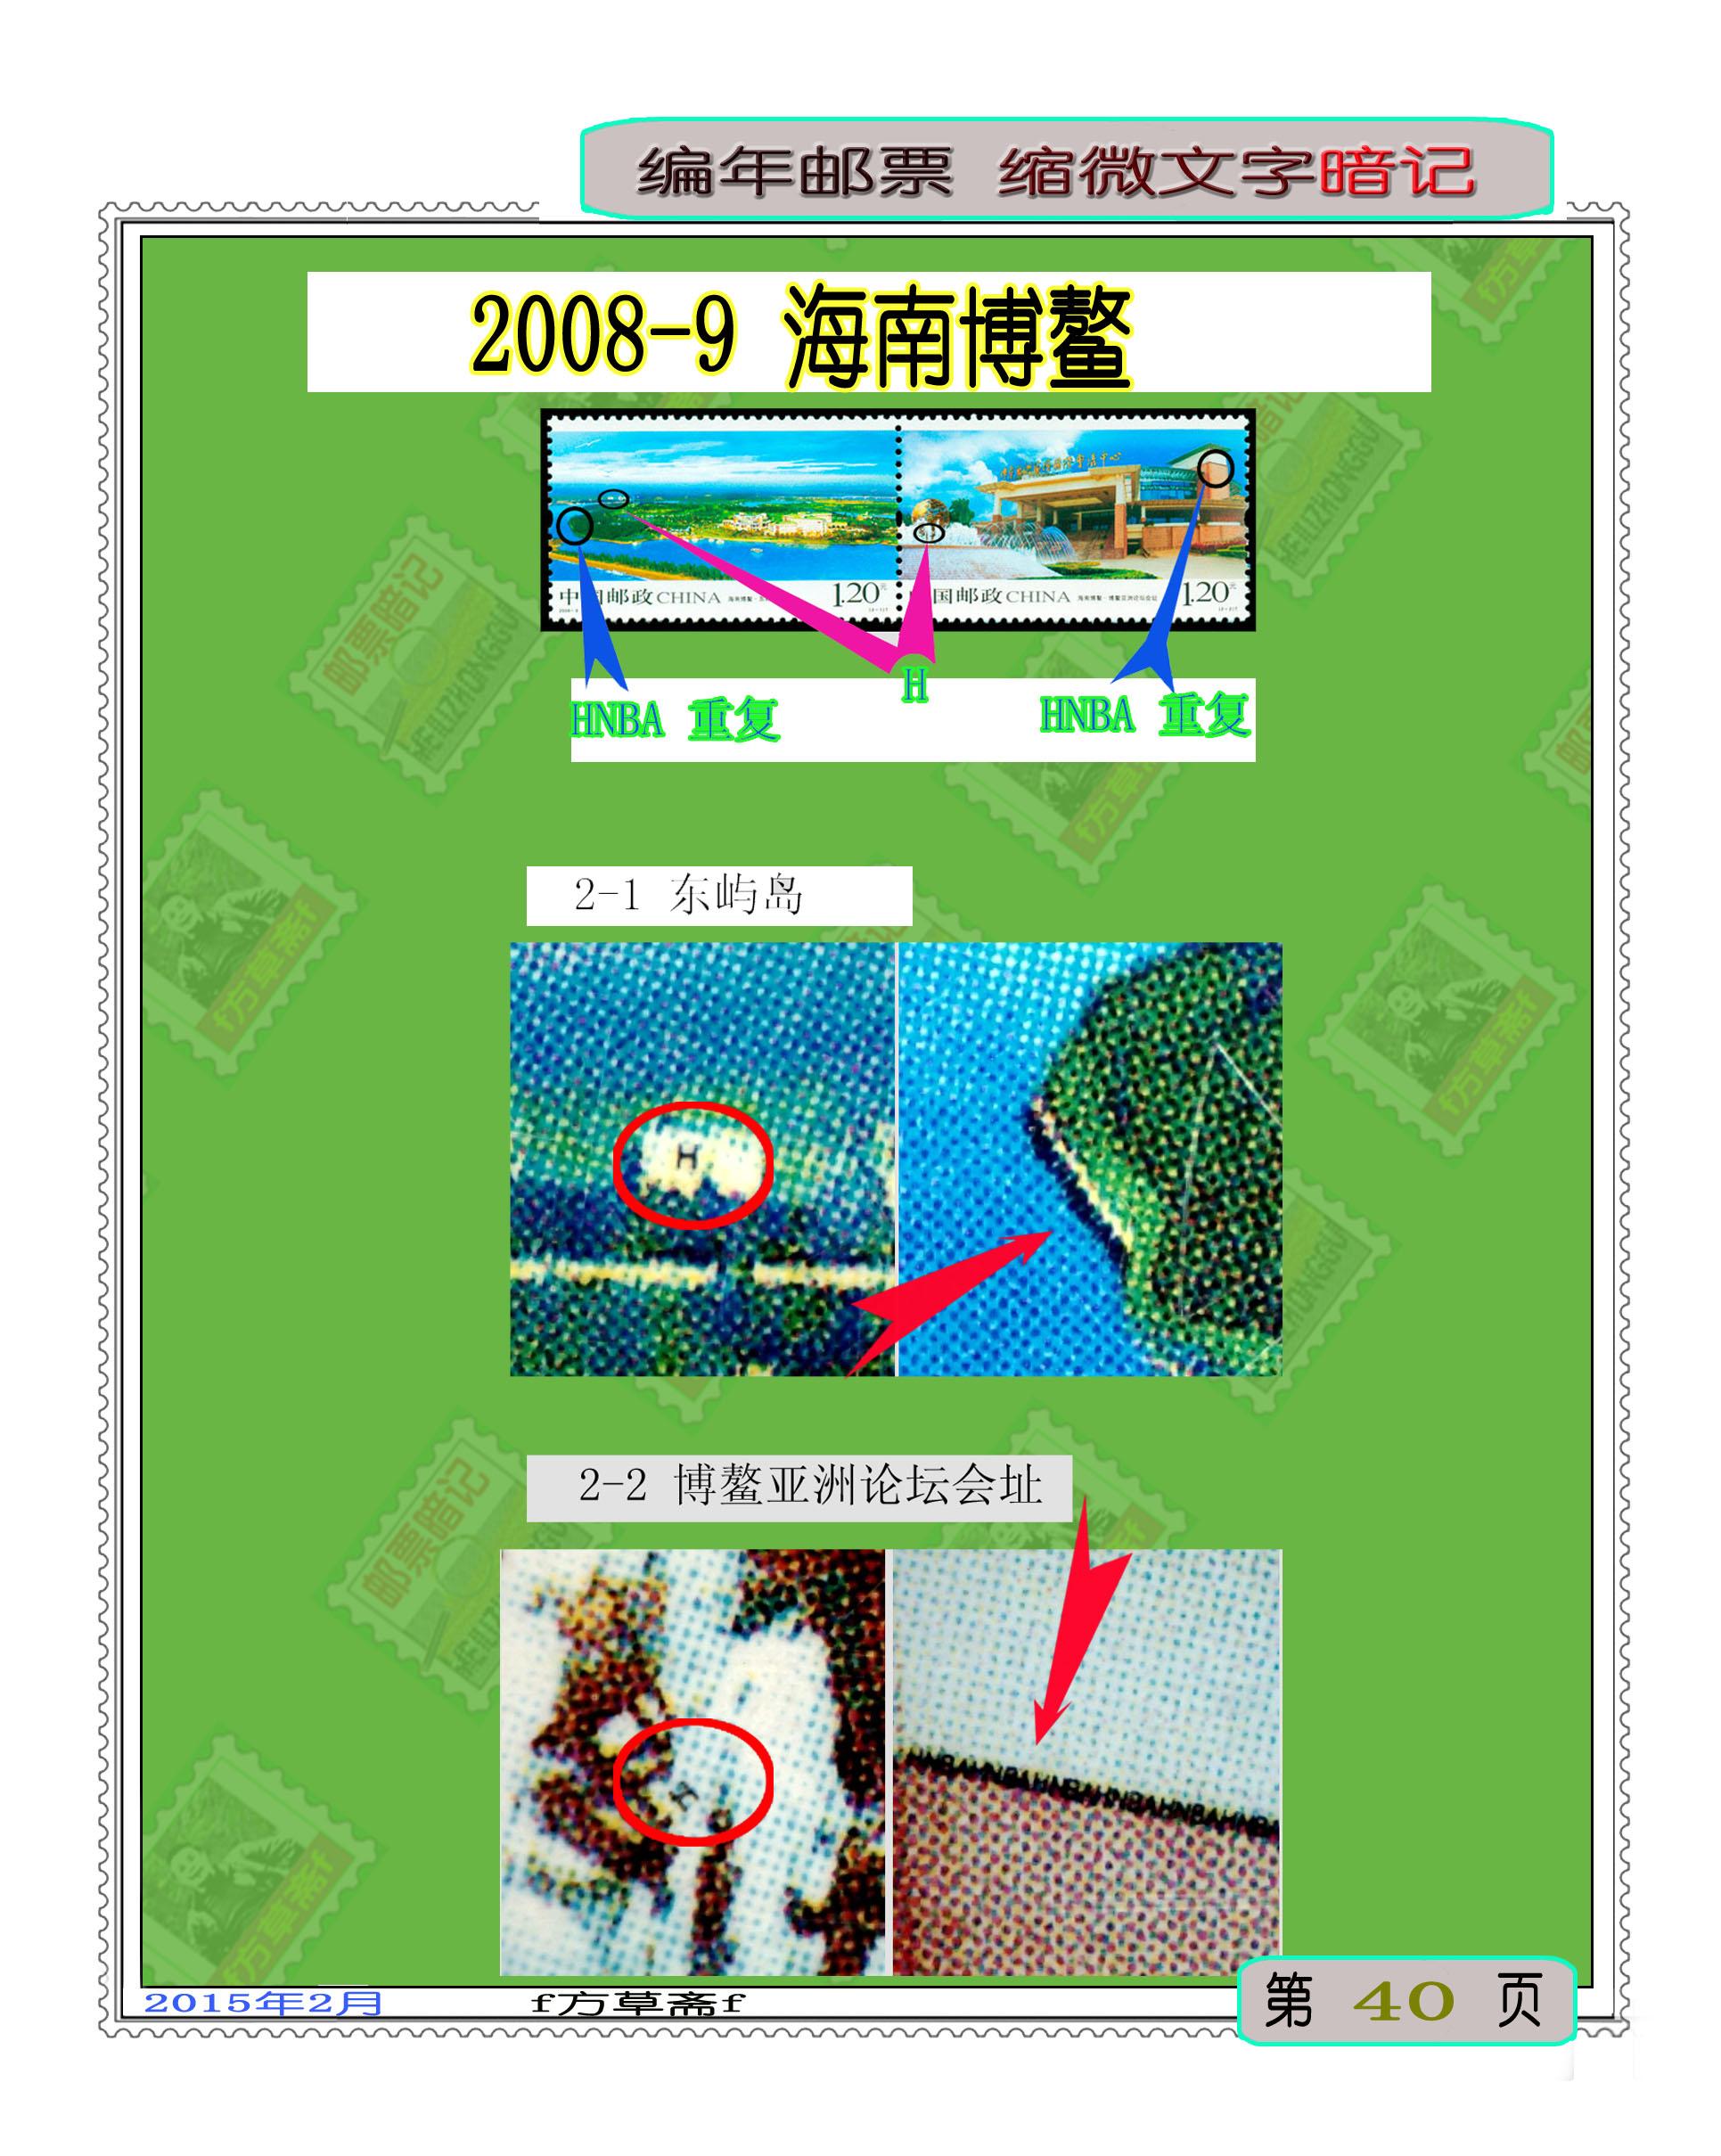 2008-9 海南博鳌.jpg